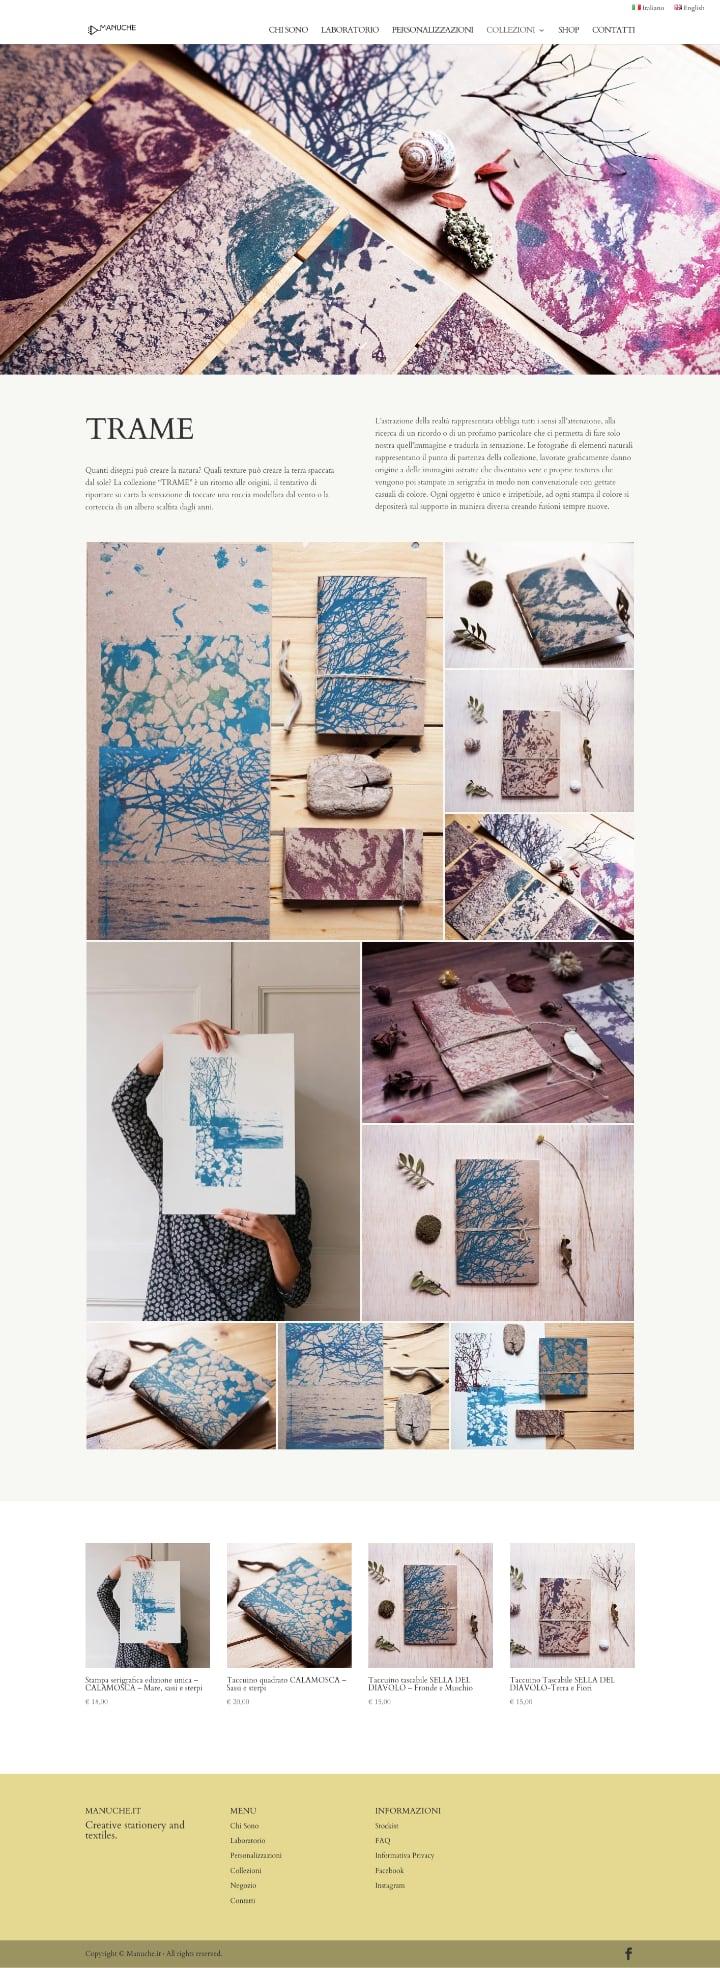 Manuche screenshot pagina collezione Trame